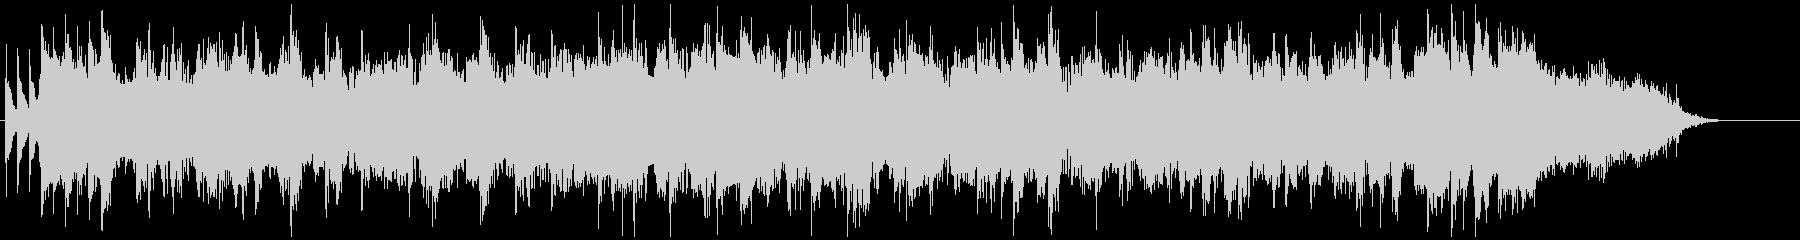 ロックギタージングル【30秒】の未再生の波形